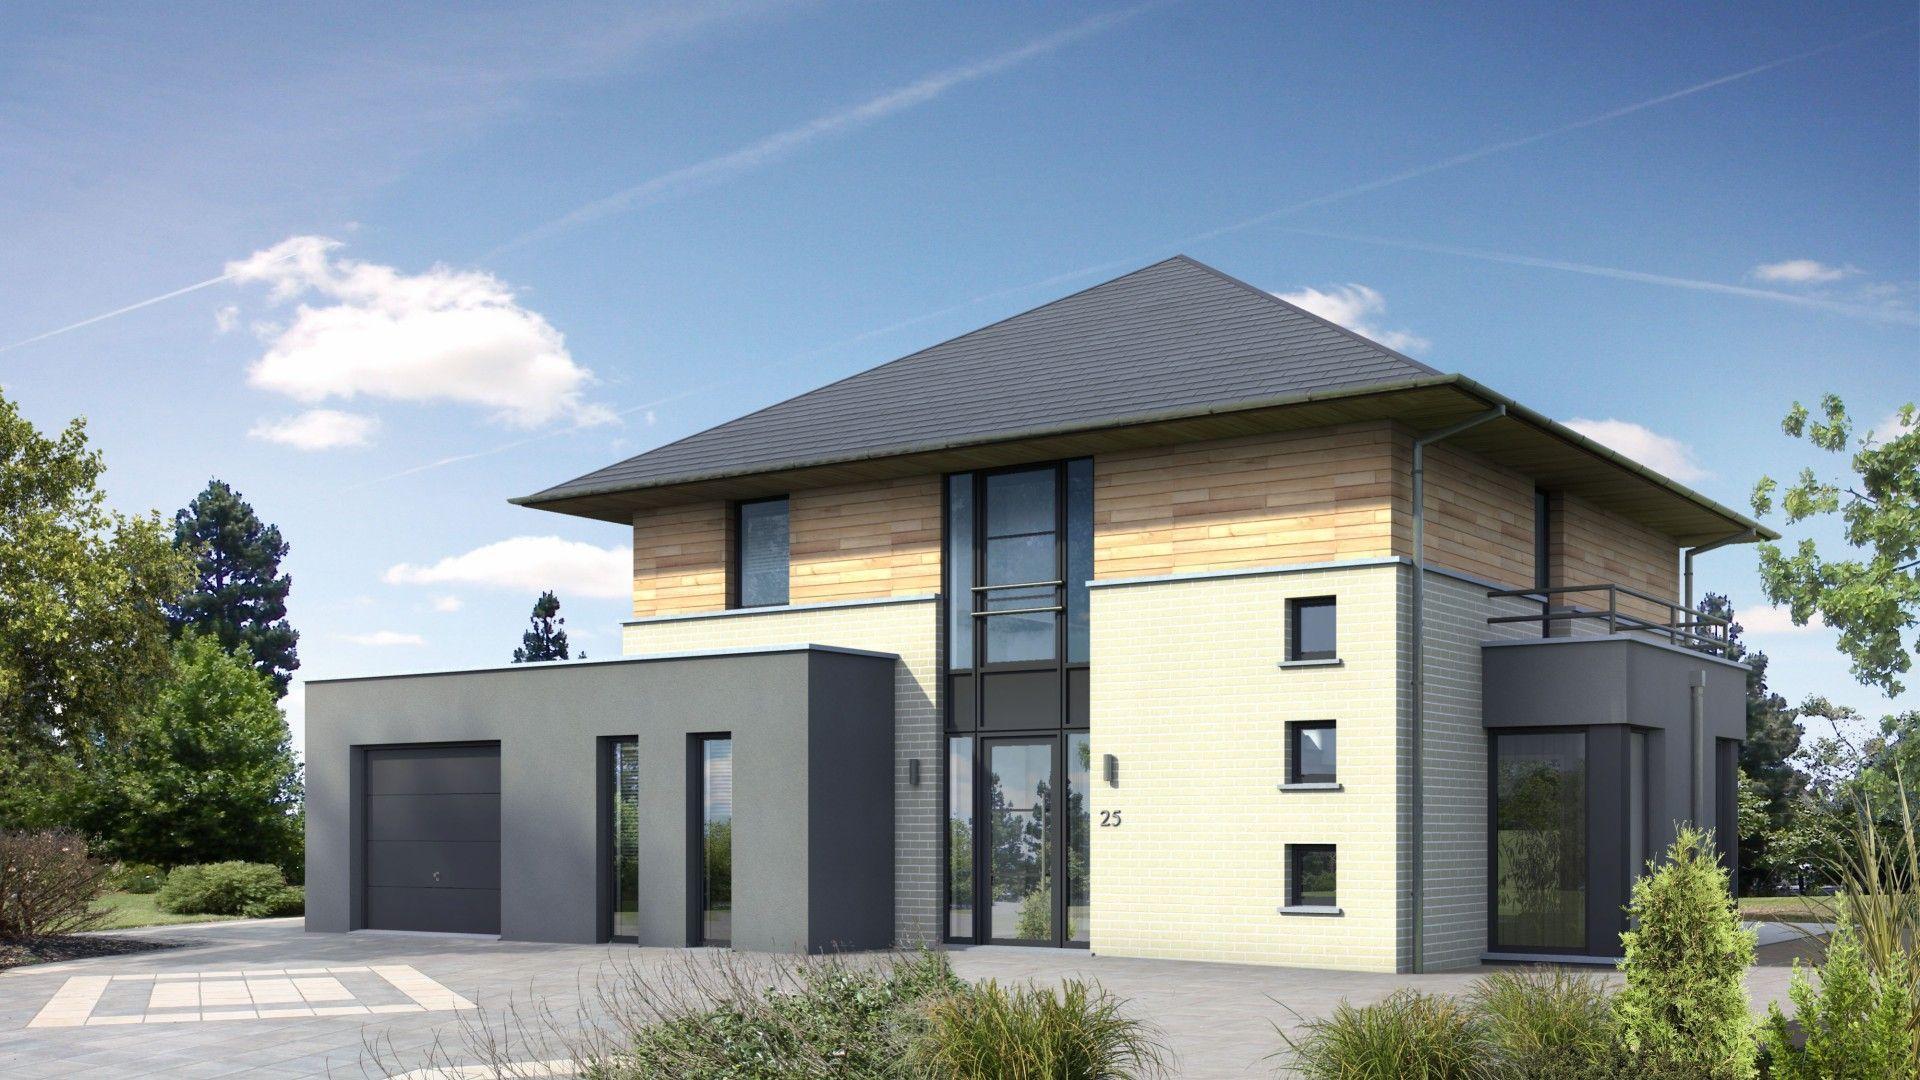 Maisons du nord constructeur maison neuve nord pas de calais for Constructeur de maison